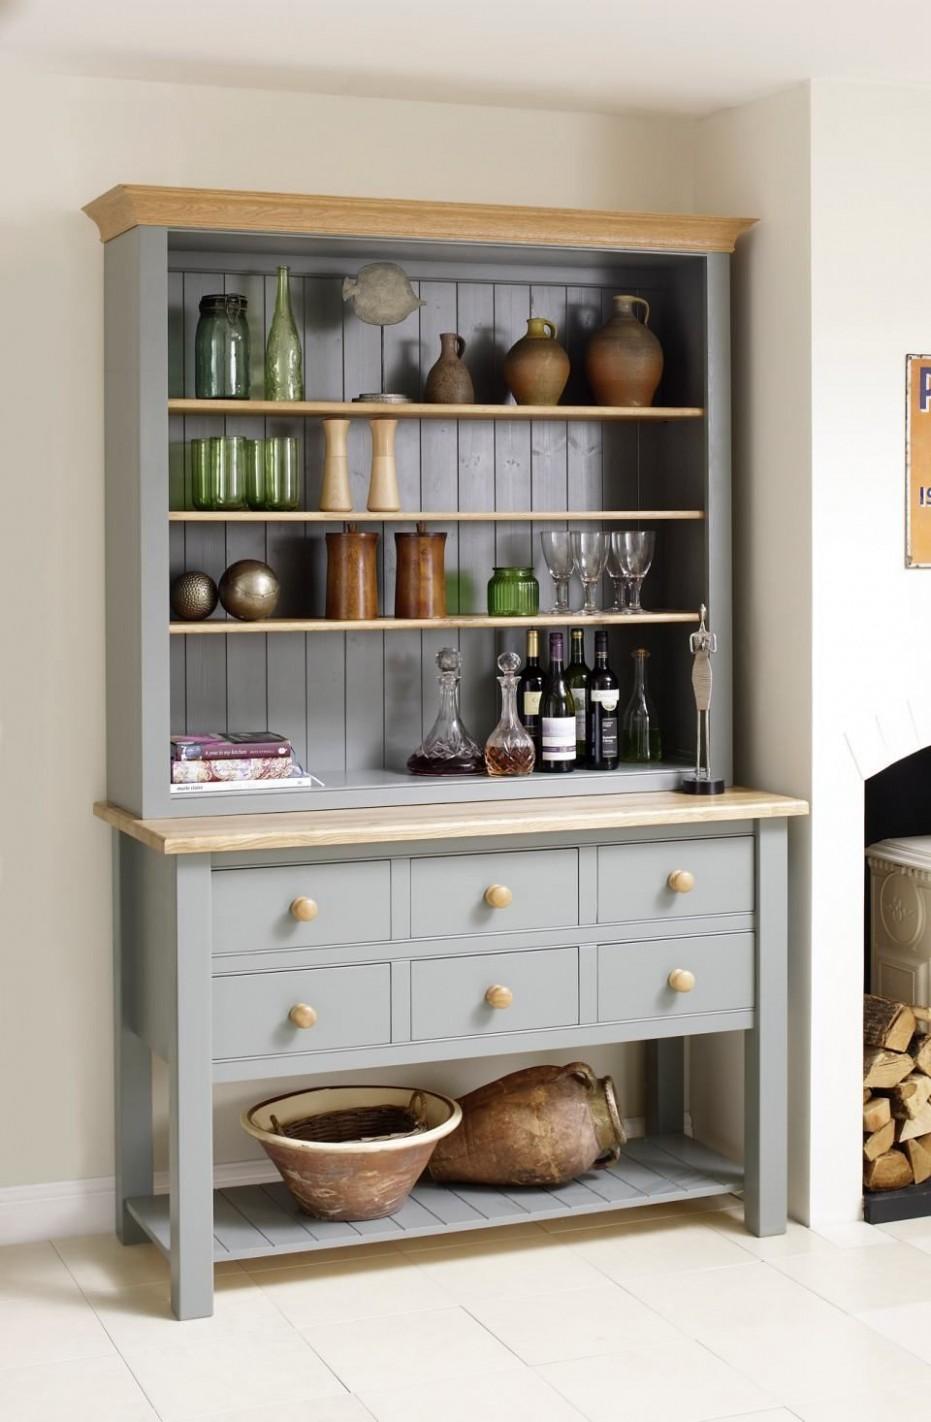 Dressers  Dining room dresser, Chic kitchen, Shabby chic dresser - Dining Room Dresser Ideas